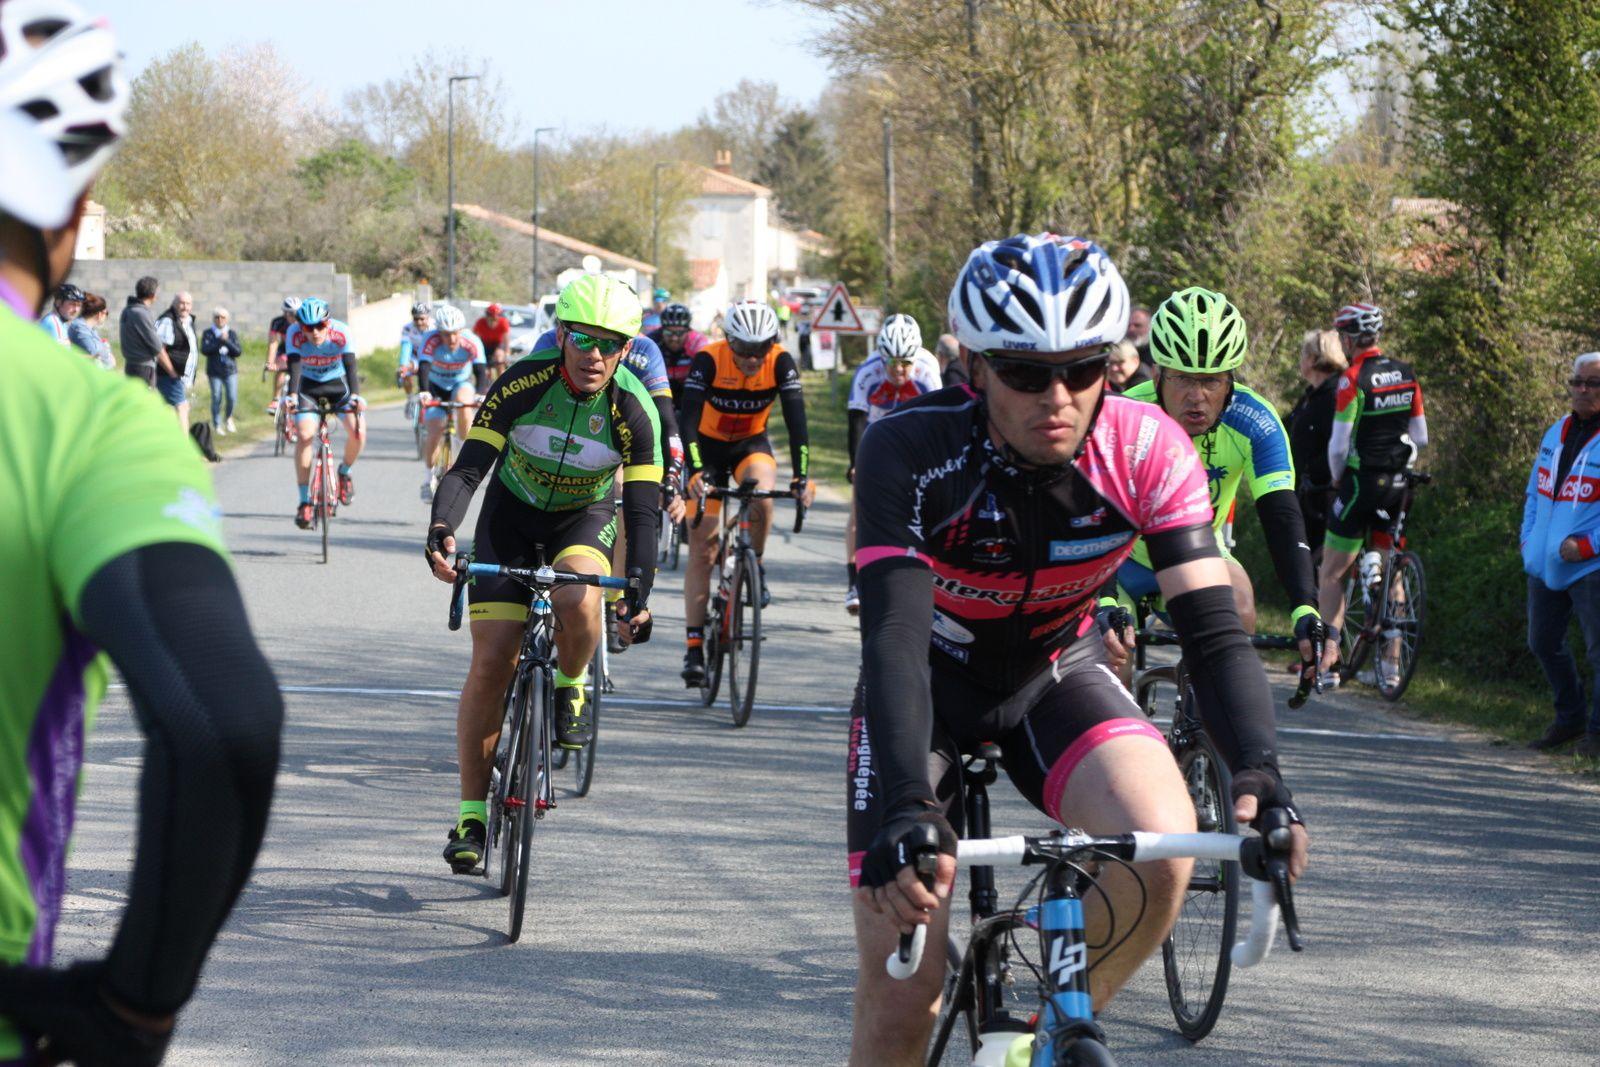 19e  Mathieu  IMBERTIS (VC Charente-Océan), 20e  Maxime  GANTIER(VCCO), 21e  Gaétan  LAGARRE(VC  Saintes), 22e  Alexis  DUBOIS(AC  Etaules), 23e  Guillaume  VIVIER(VC  Rochefort), 24e  Sébastien  SUBRA(VC  Saintes), 25e  Michel  ROUSSEAU (VCC Marennes), 26e  Sébastien  ECALLE (CC  St Agnant)